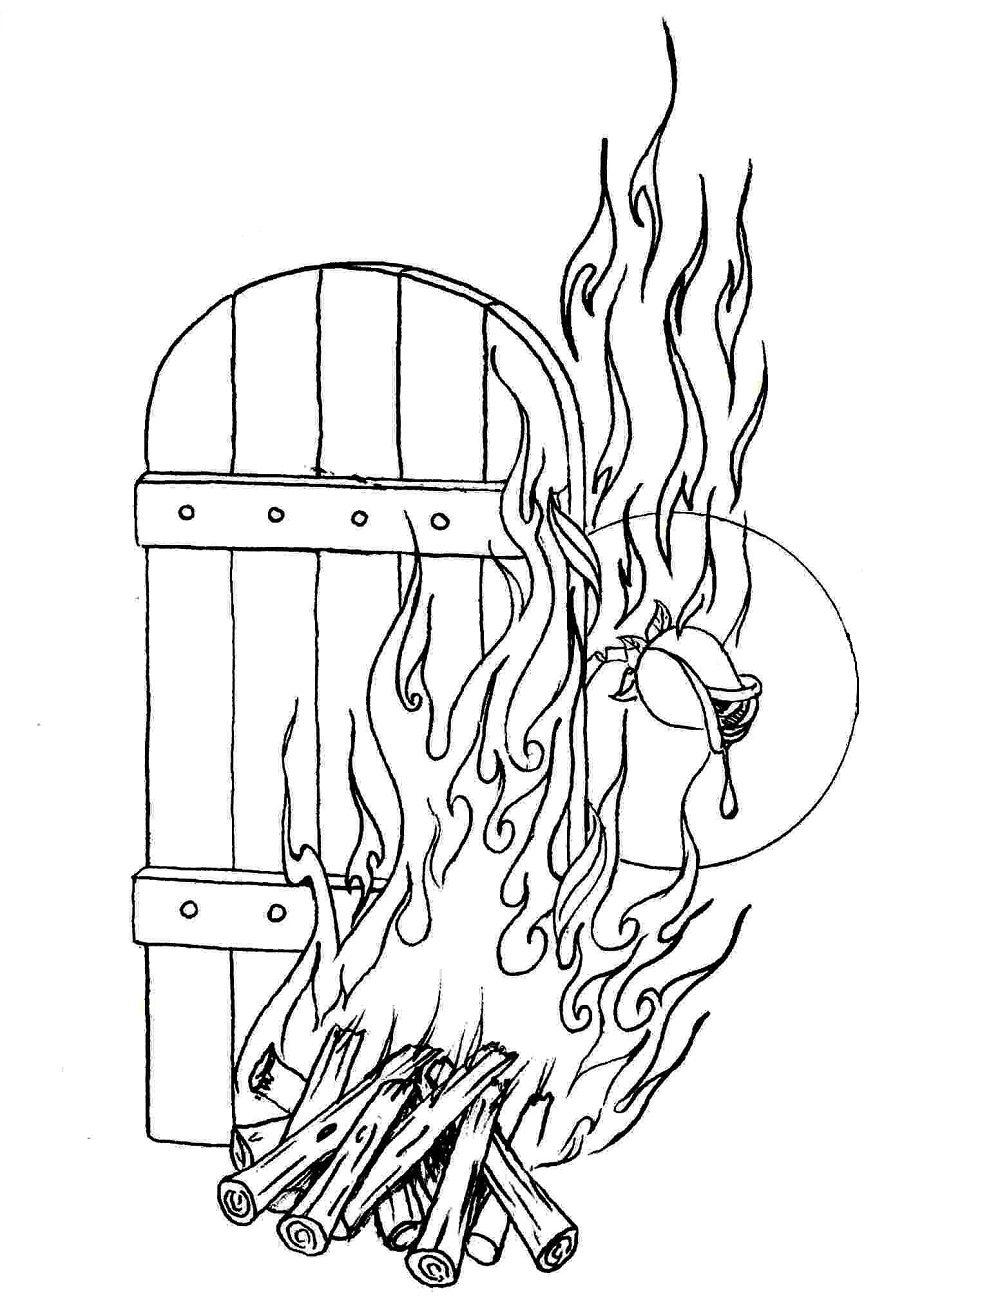 نقاشی آتش زدن خانه حضرت فاطمه